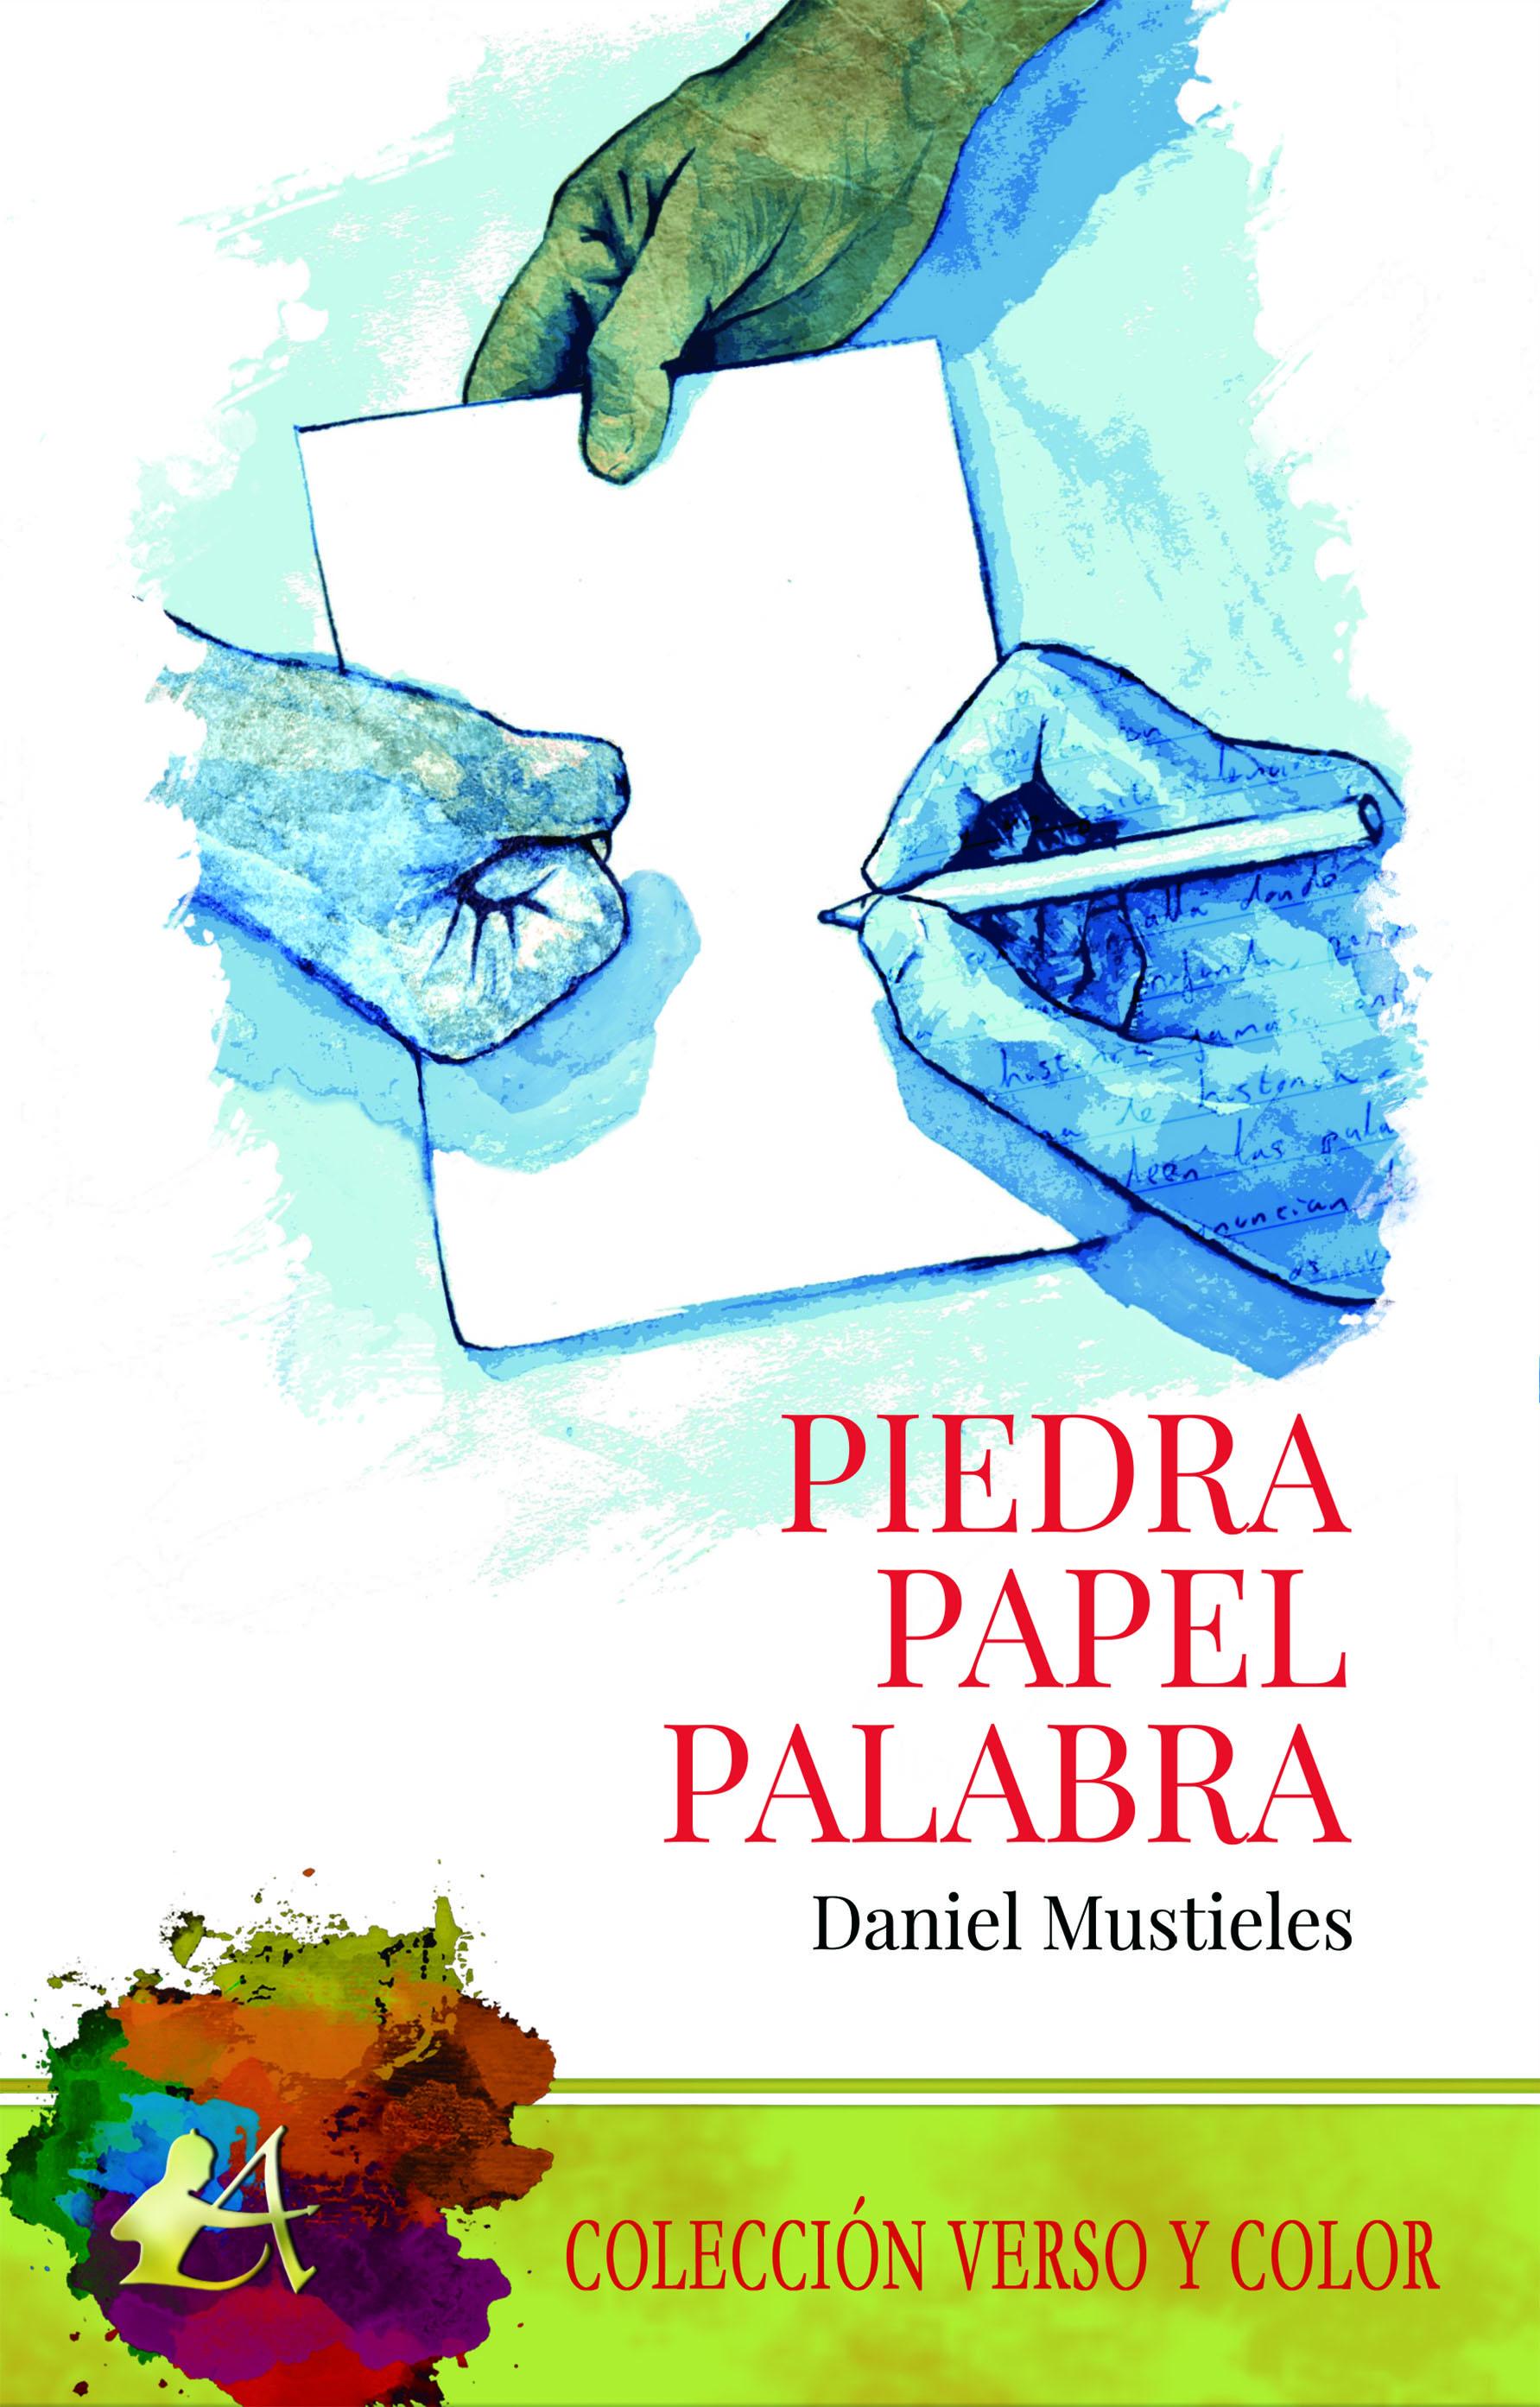 portada del libro Piedra papel palabra de Daniel Mustieles. Editorial Adarve, Escritores de hoy